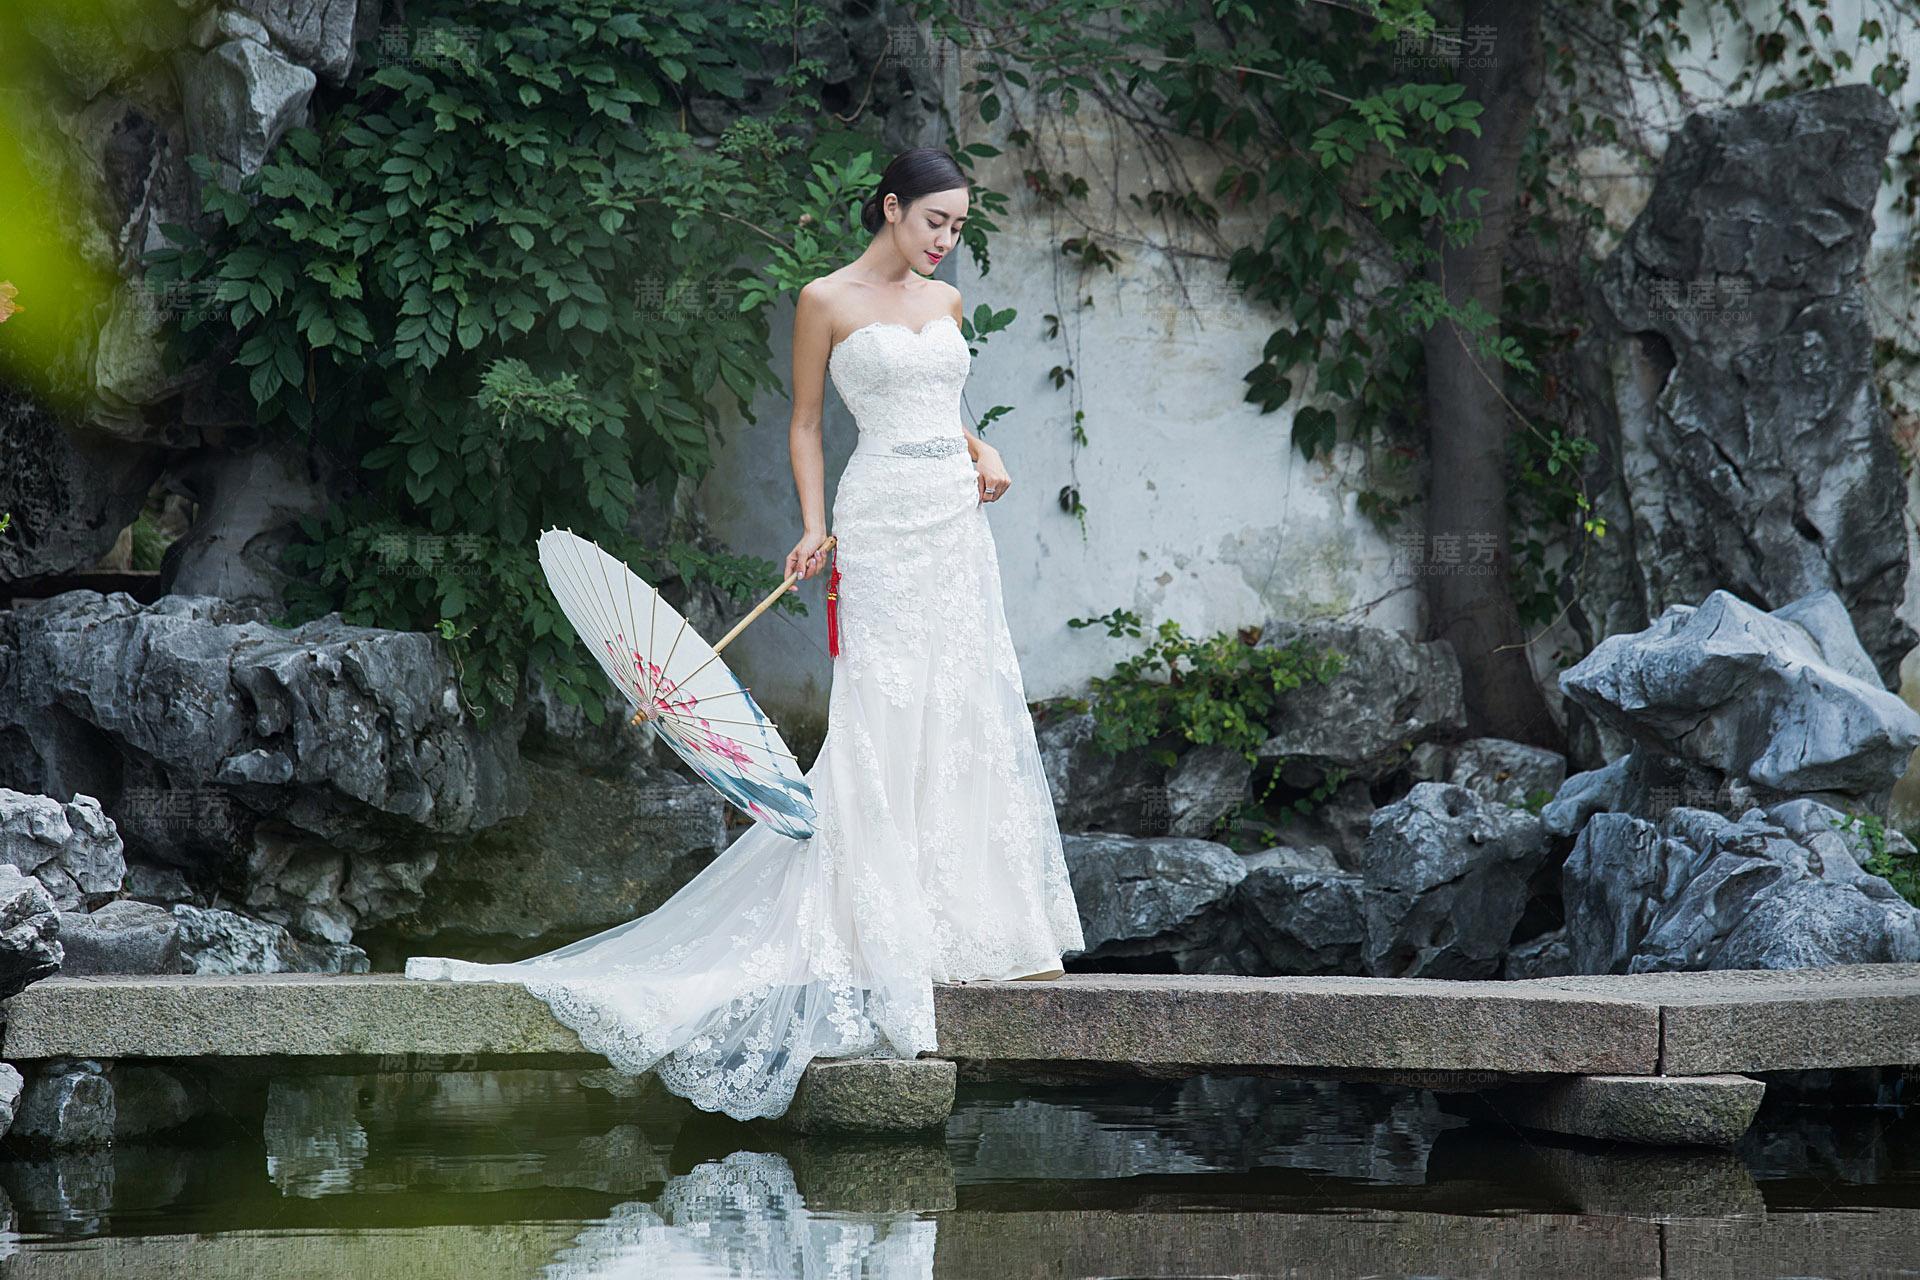 苏州婚纱摄影,苏州婚纱摄影排名